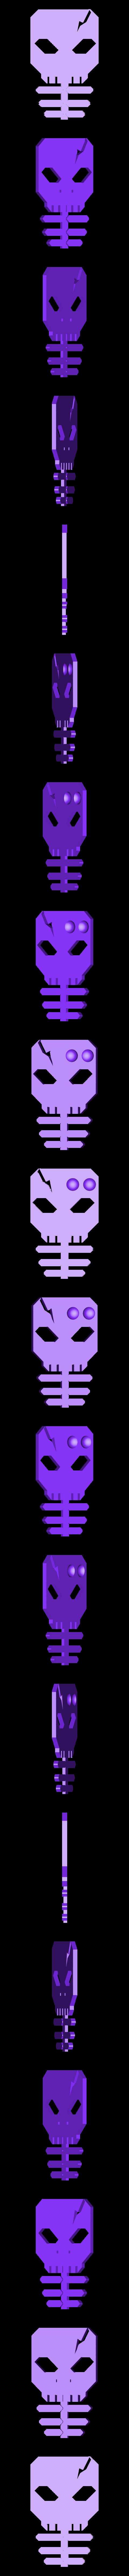 scellyearbud2.stl Télécharger fichier STL gratuit Porte-bouton d'oreille squelette • Modèle pour imprimante 3D, Qelorliss